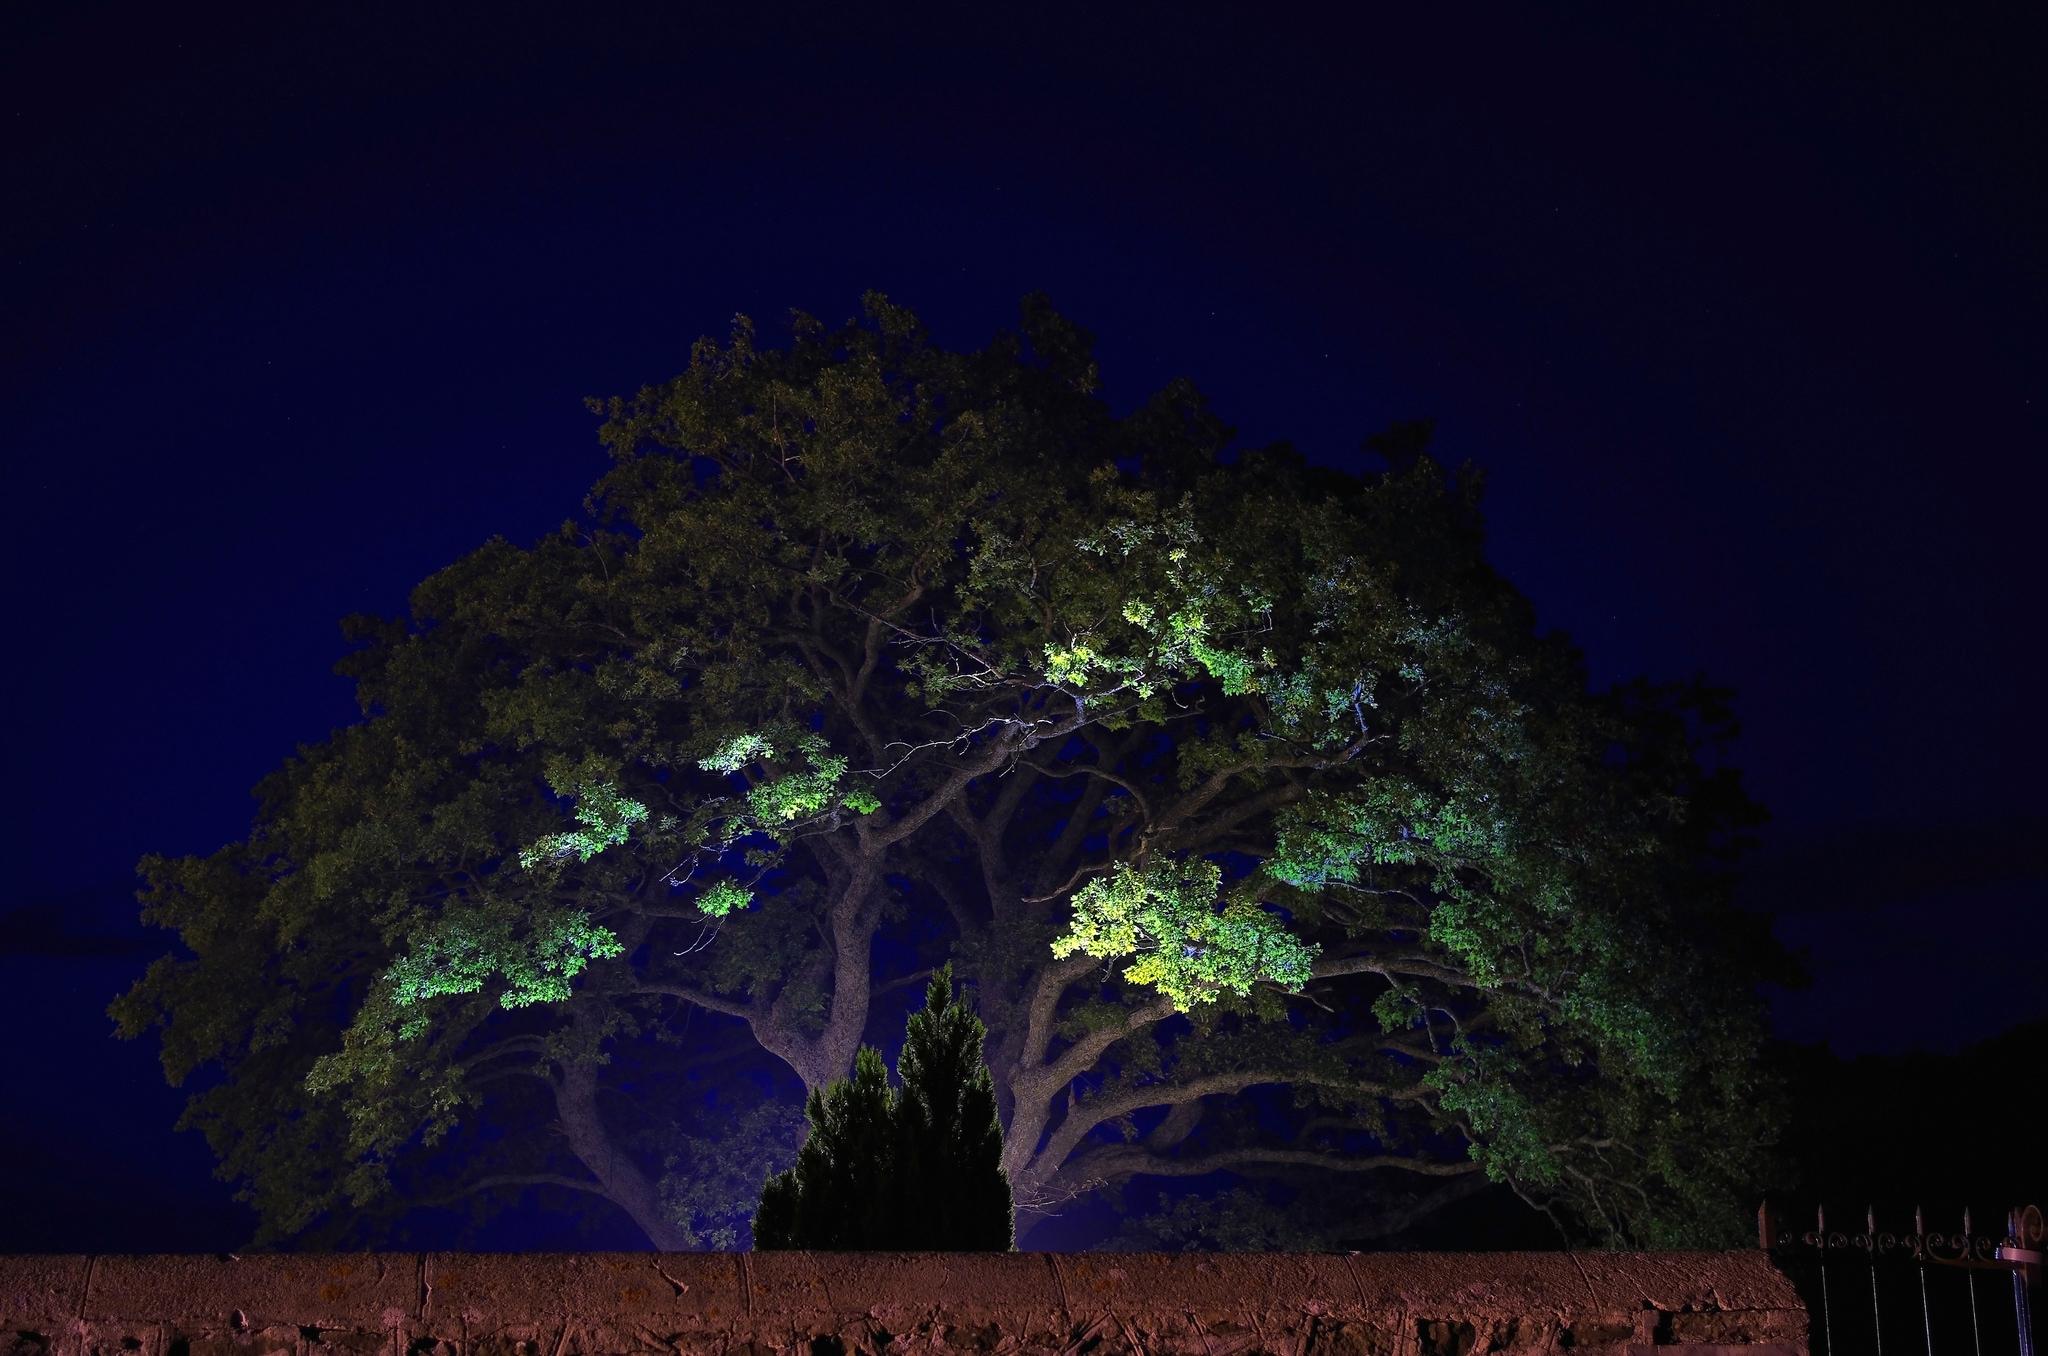 моя картинки деревьев ночью прозвучала центральном телевидении